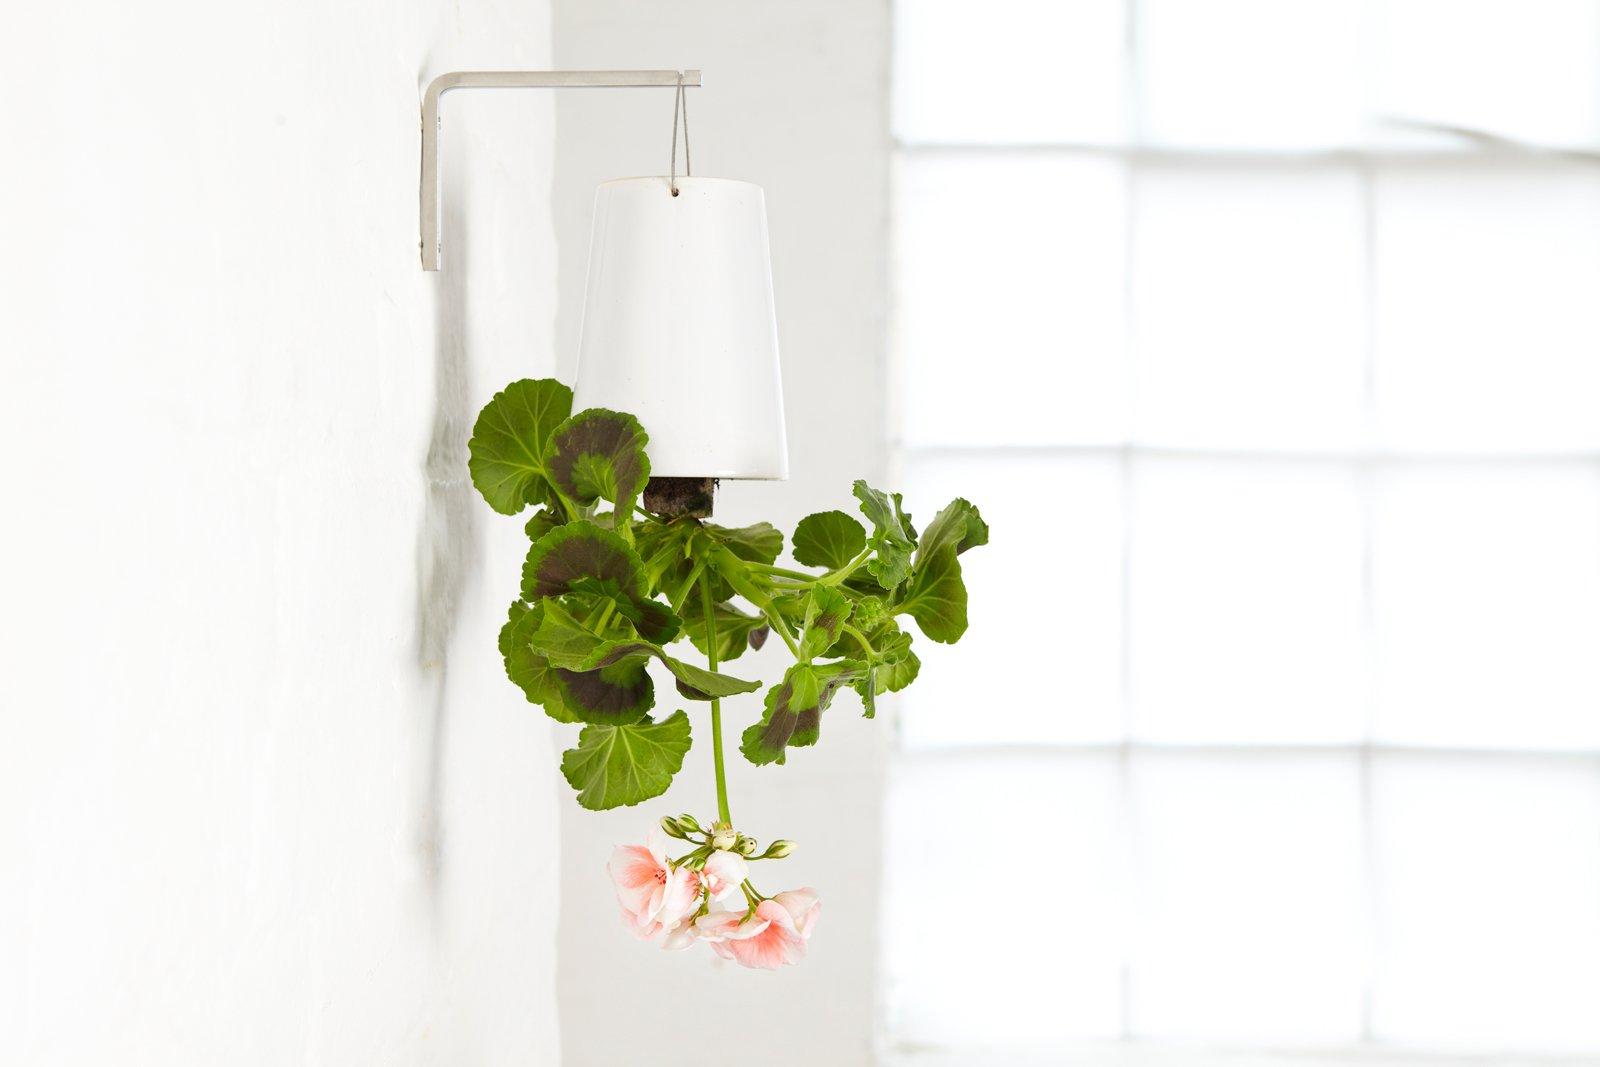 Piante: Pianta vasi da fiori fioriere promozione-fai spesa di ...